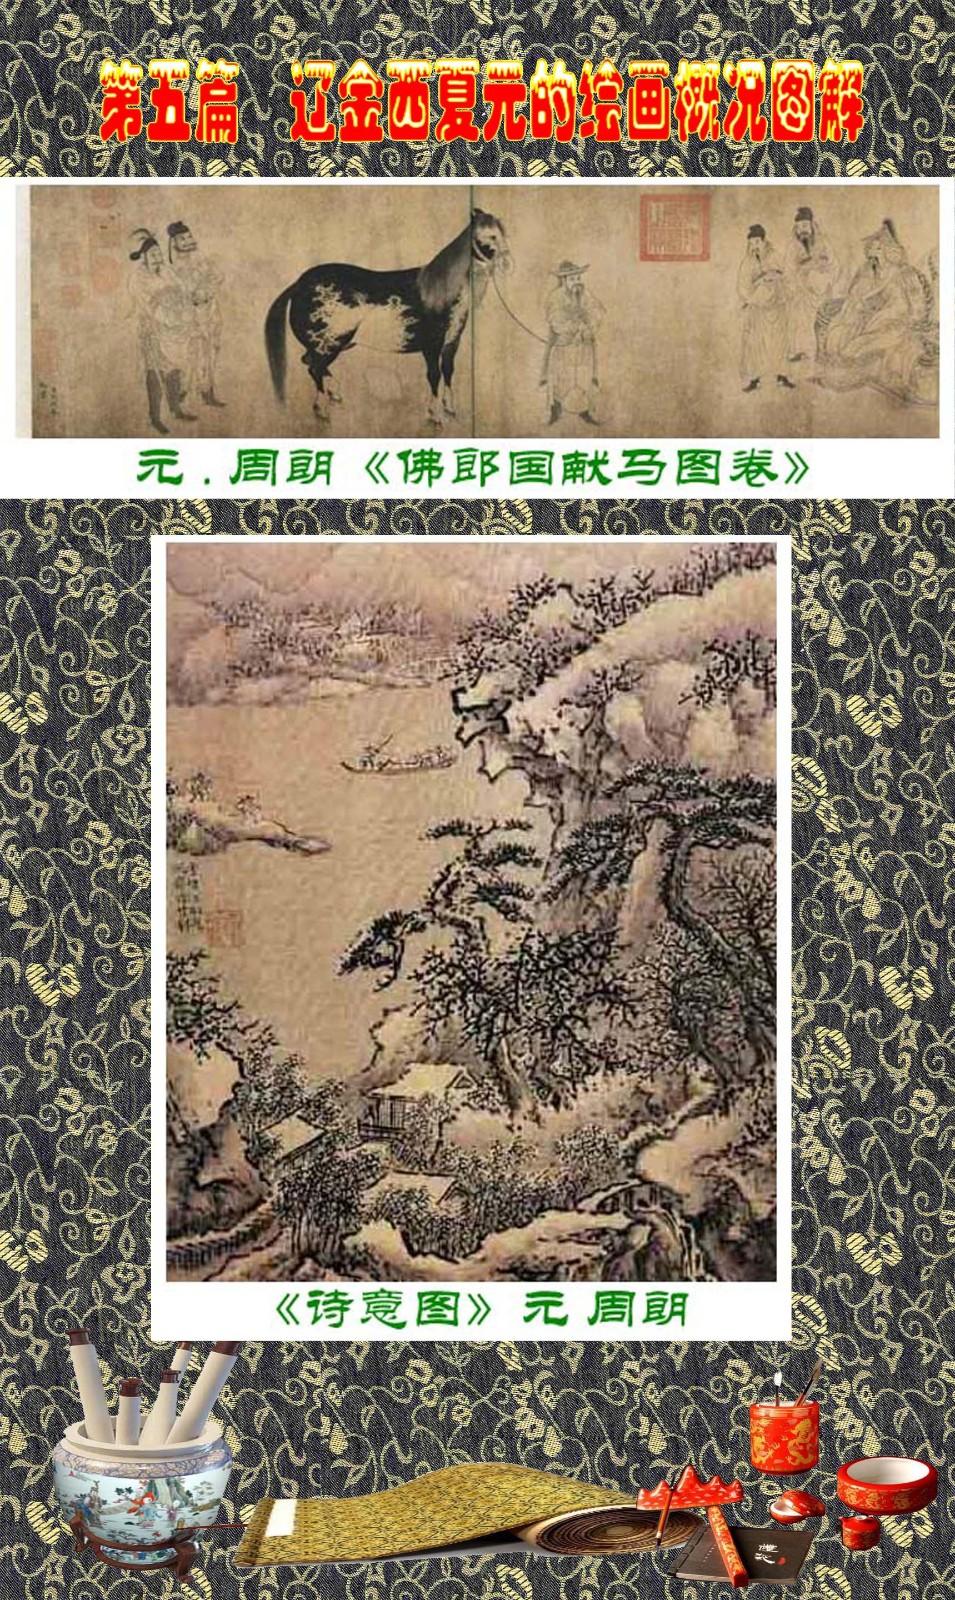 顾绍骅编辑 中国画知识普及版 第五篇 辽金西夏元的绘画概况 下 ... ..._图1-87